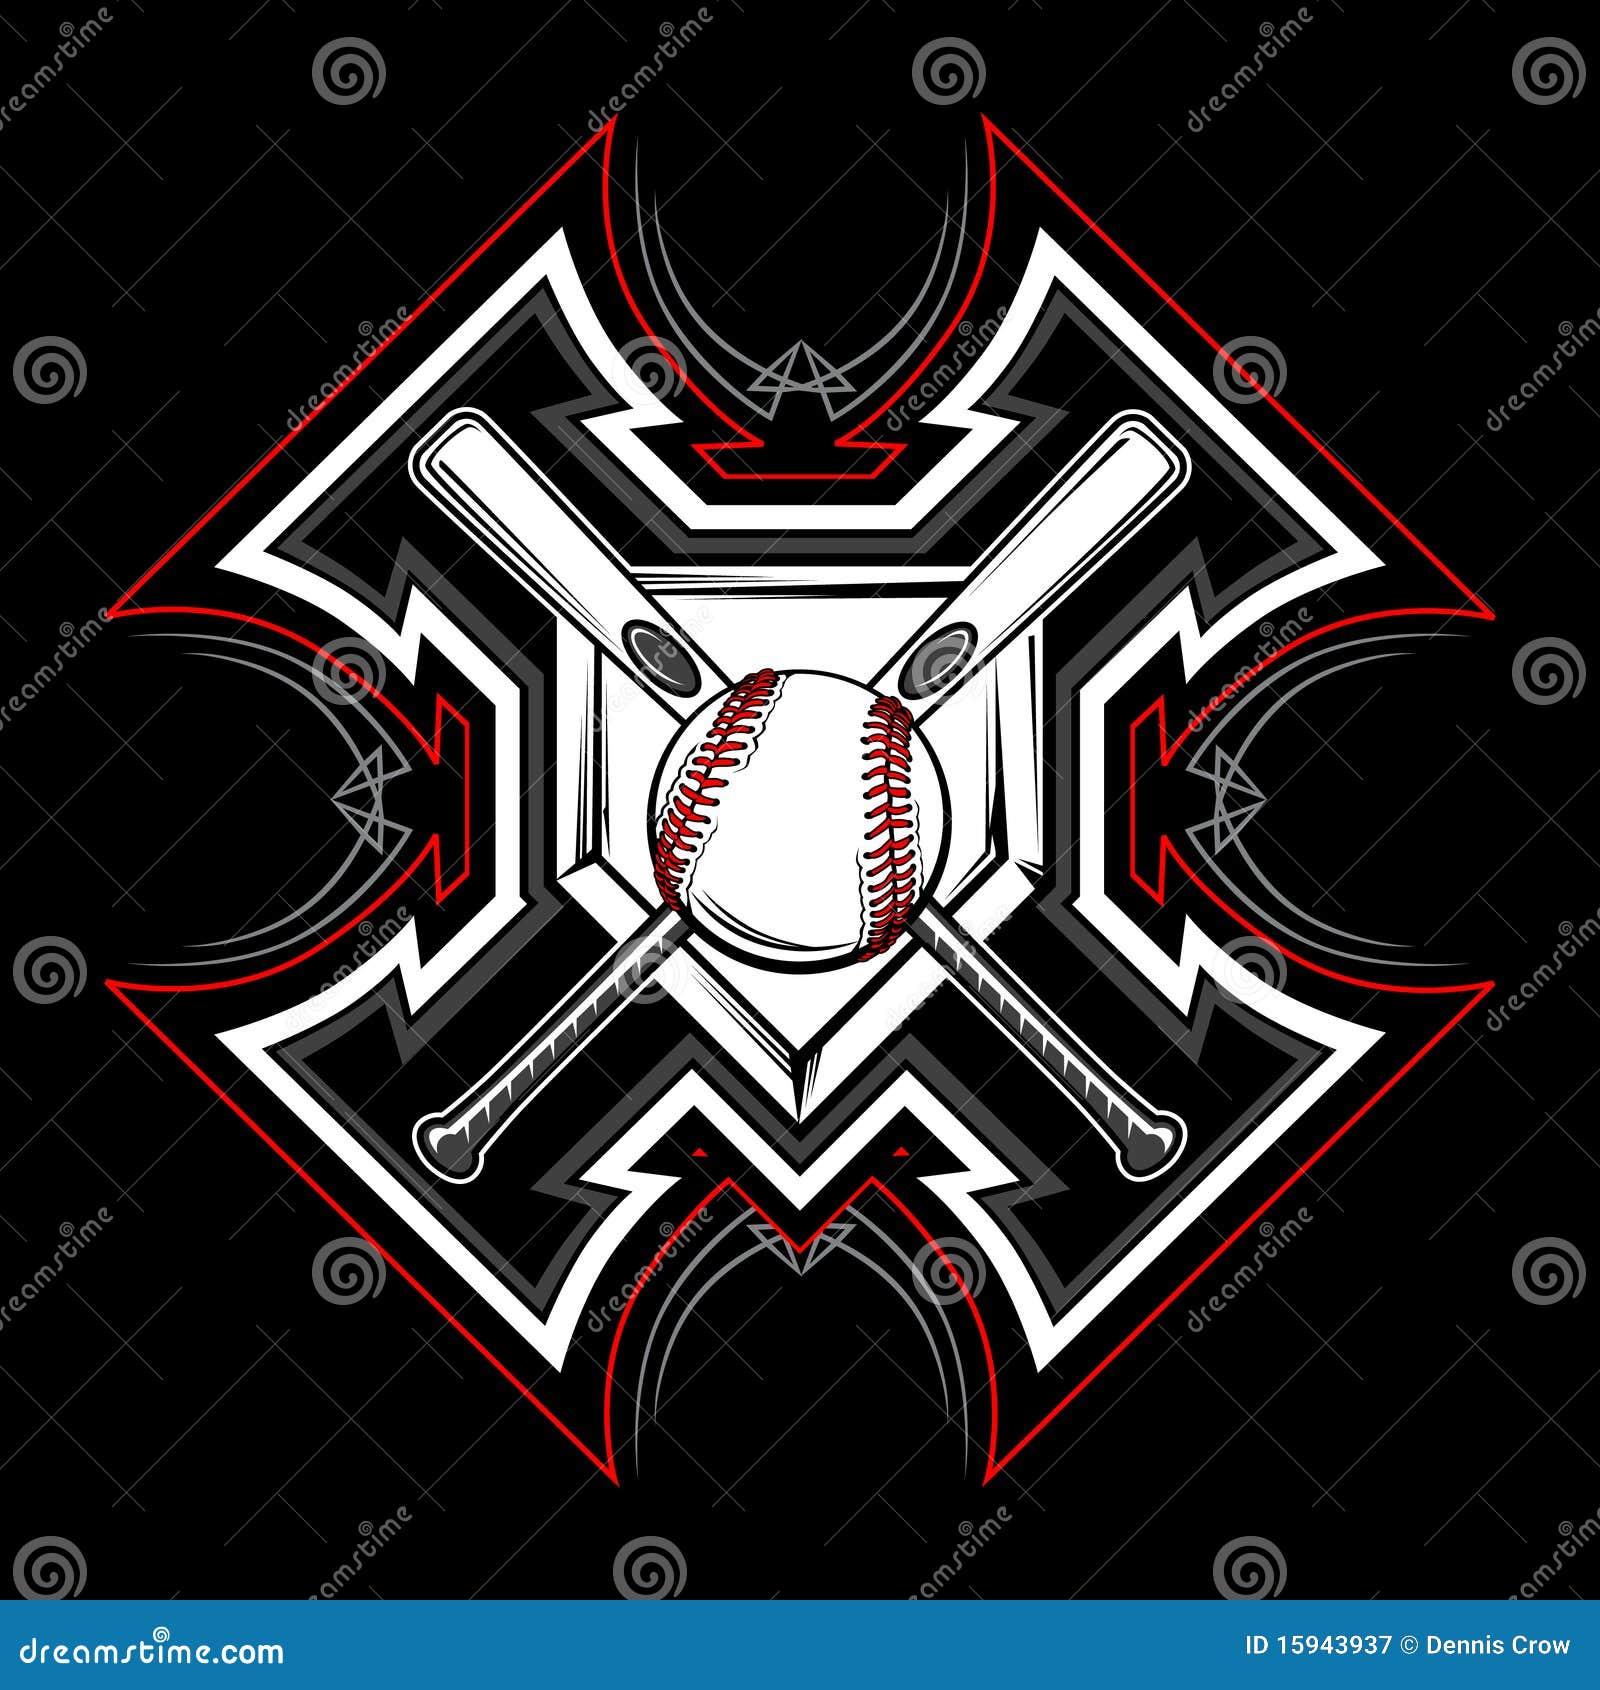 Baseball Softball Tribal Vector Image Royalty Free Stock Photography